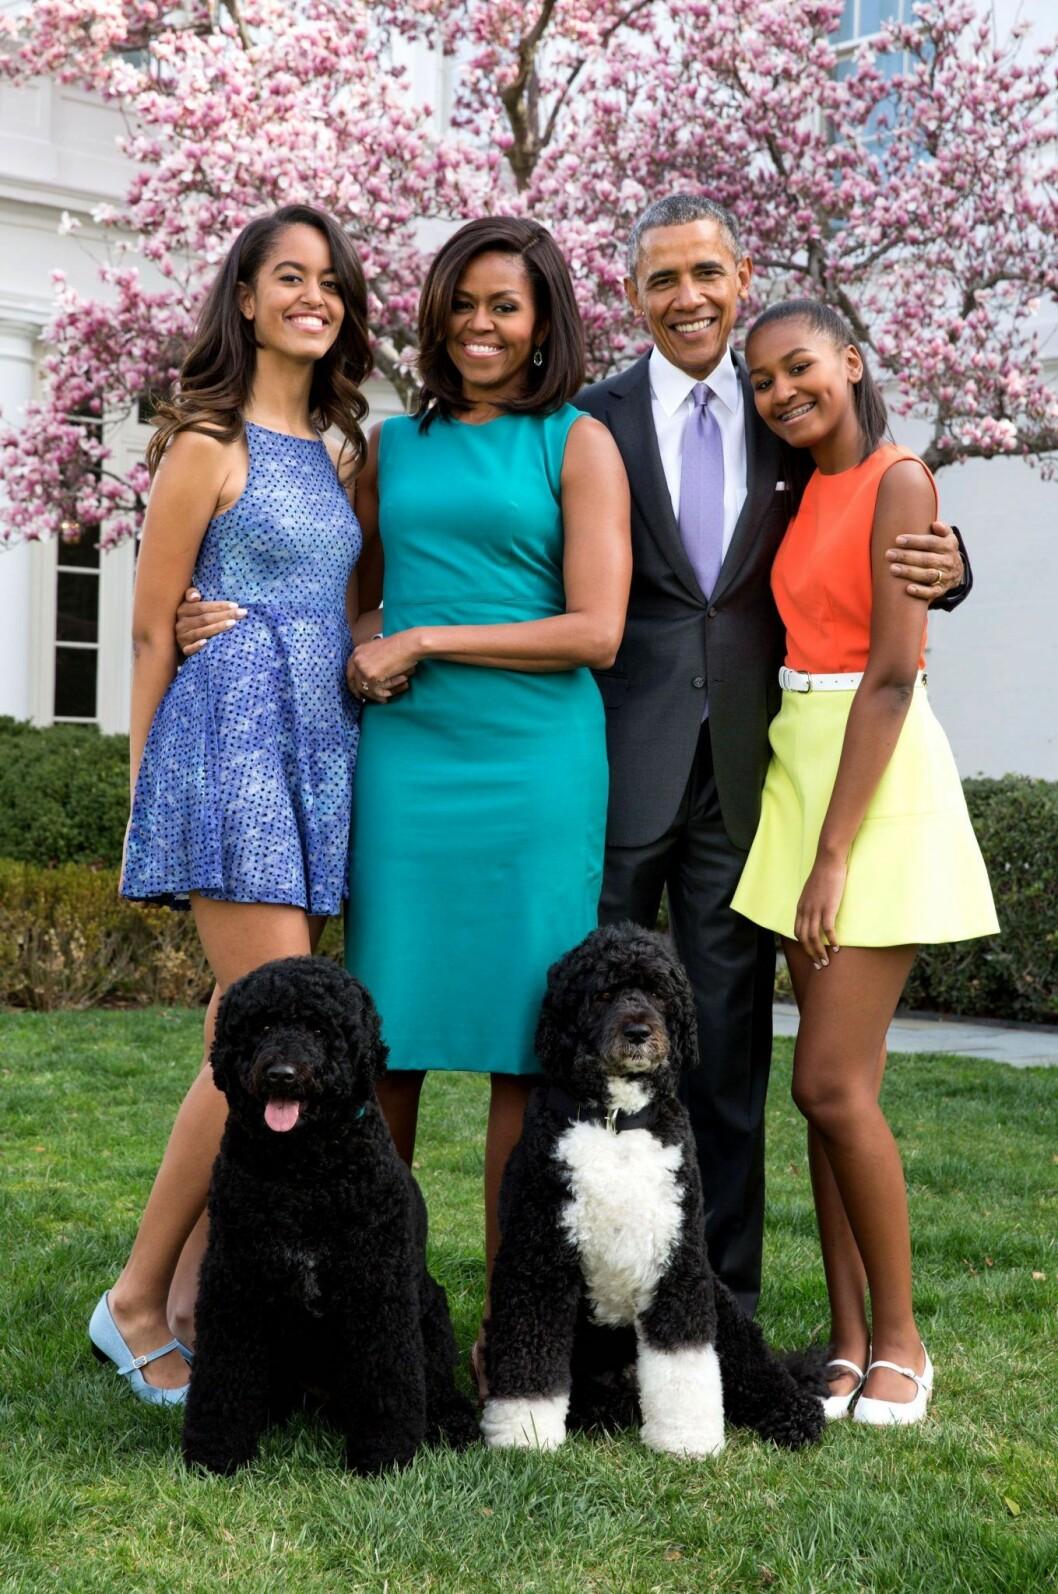 Michelle, Malia, Barack och Sasha Obama. står i trädgården i färgglada kläder och med två hundar framför sig